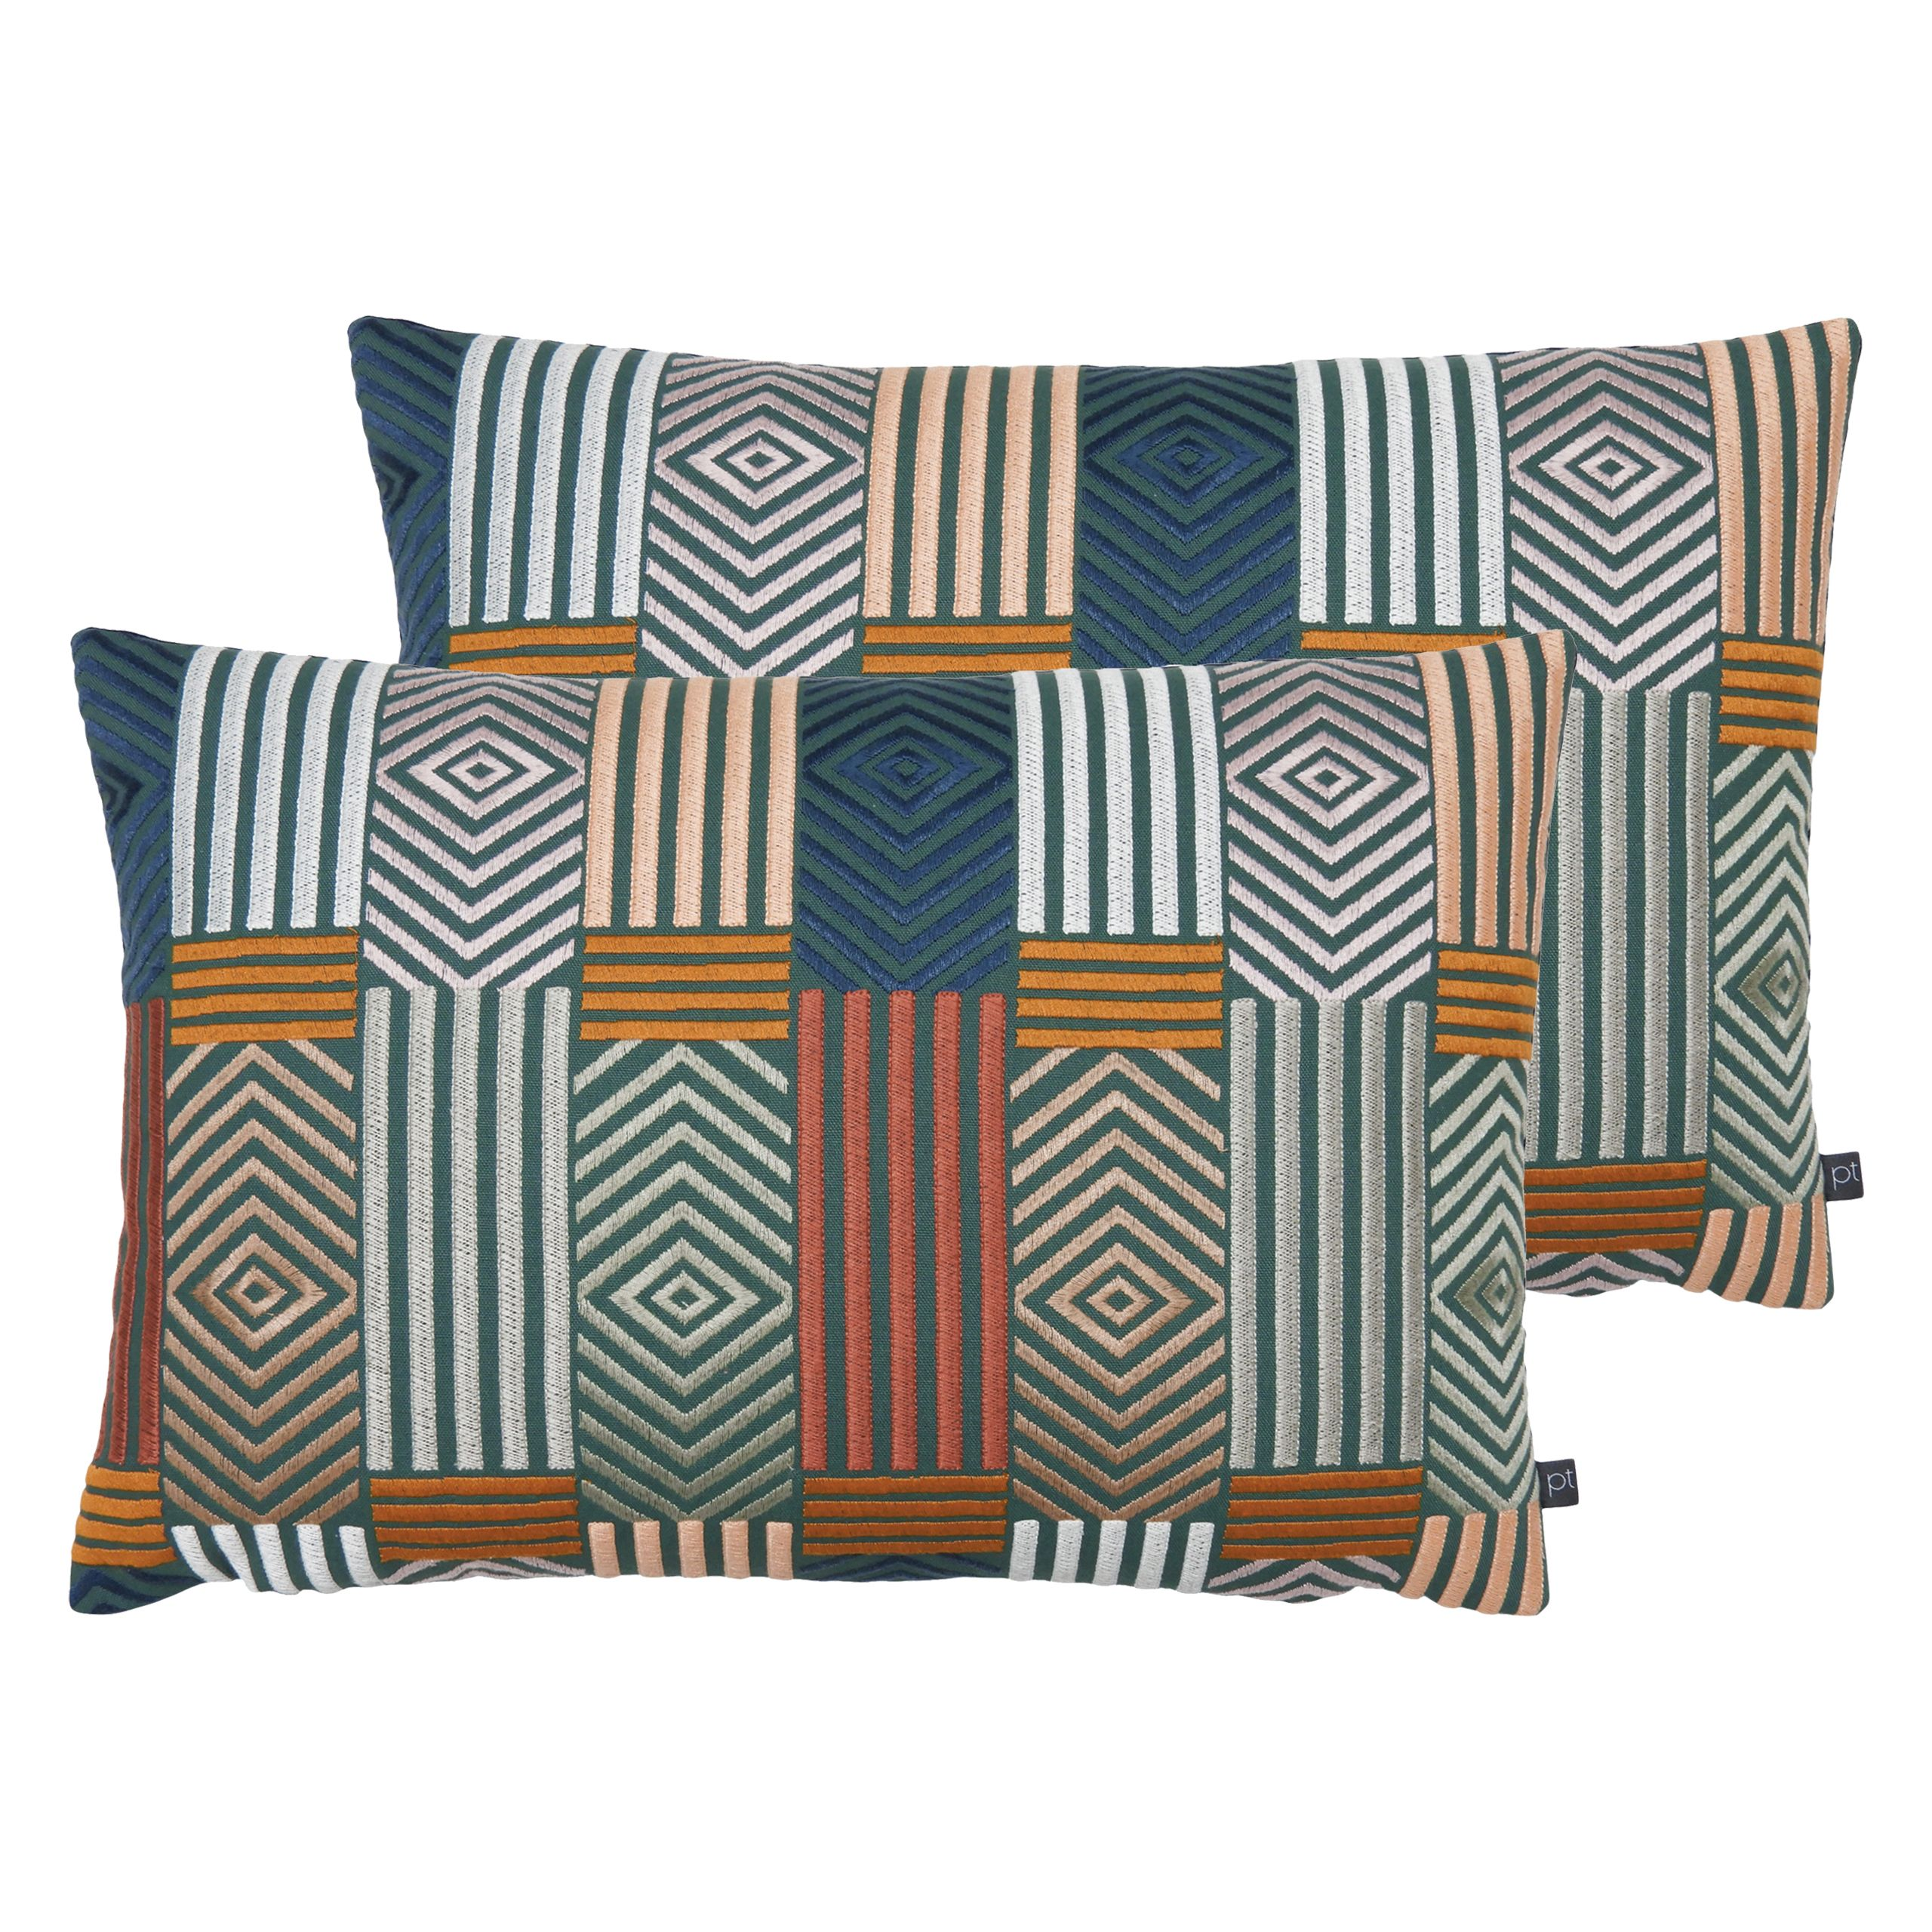 Blake Cushions (Twin Pack)